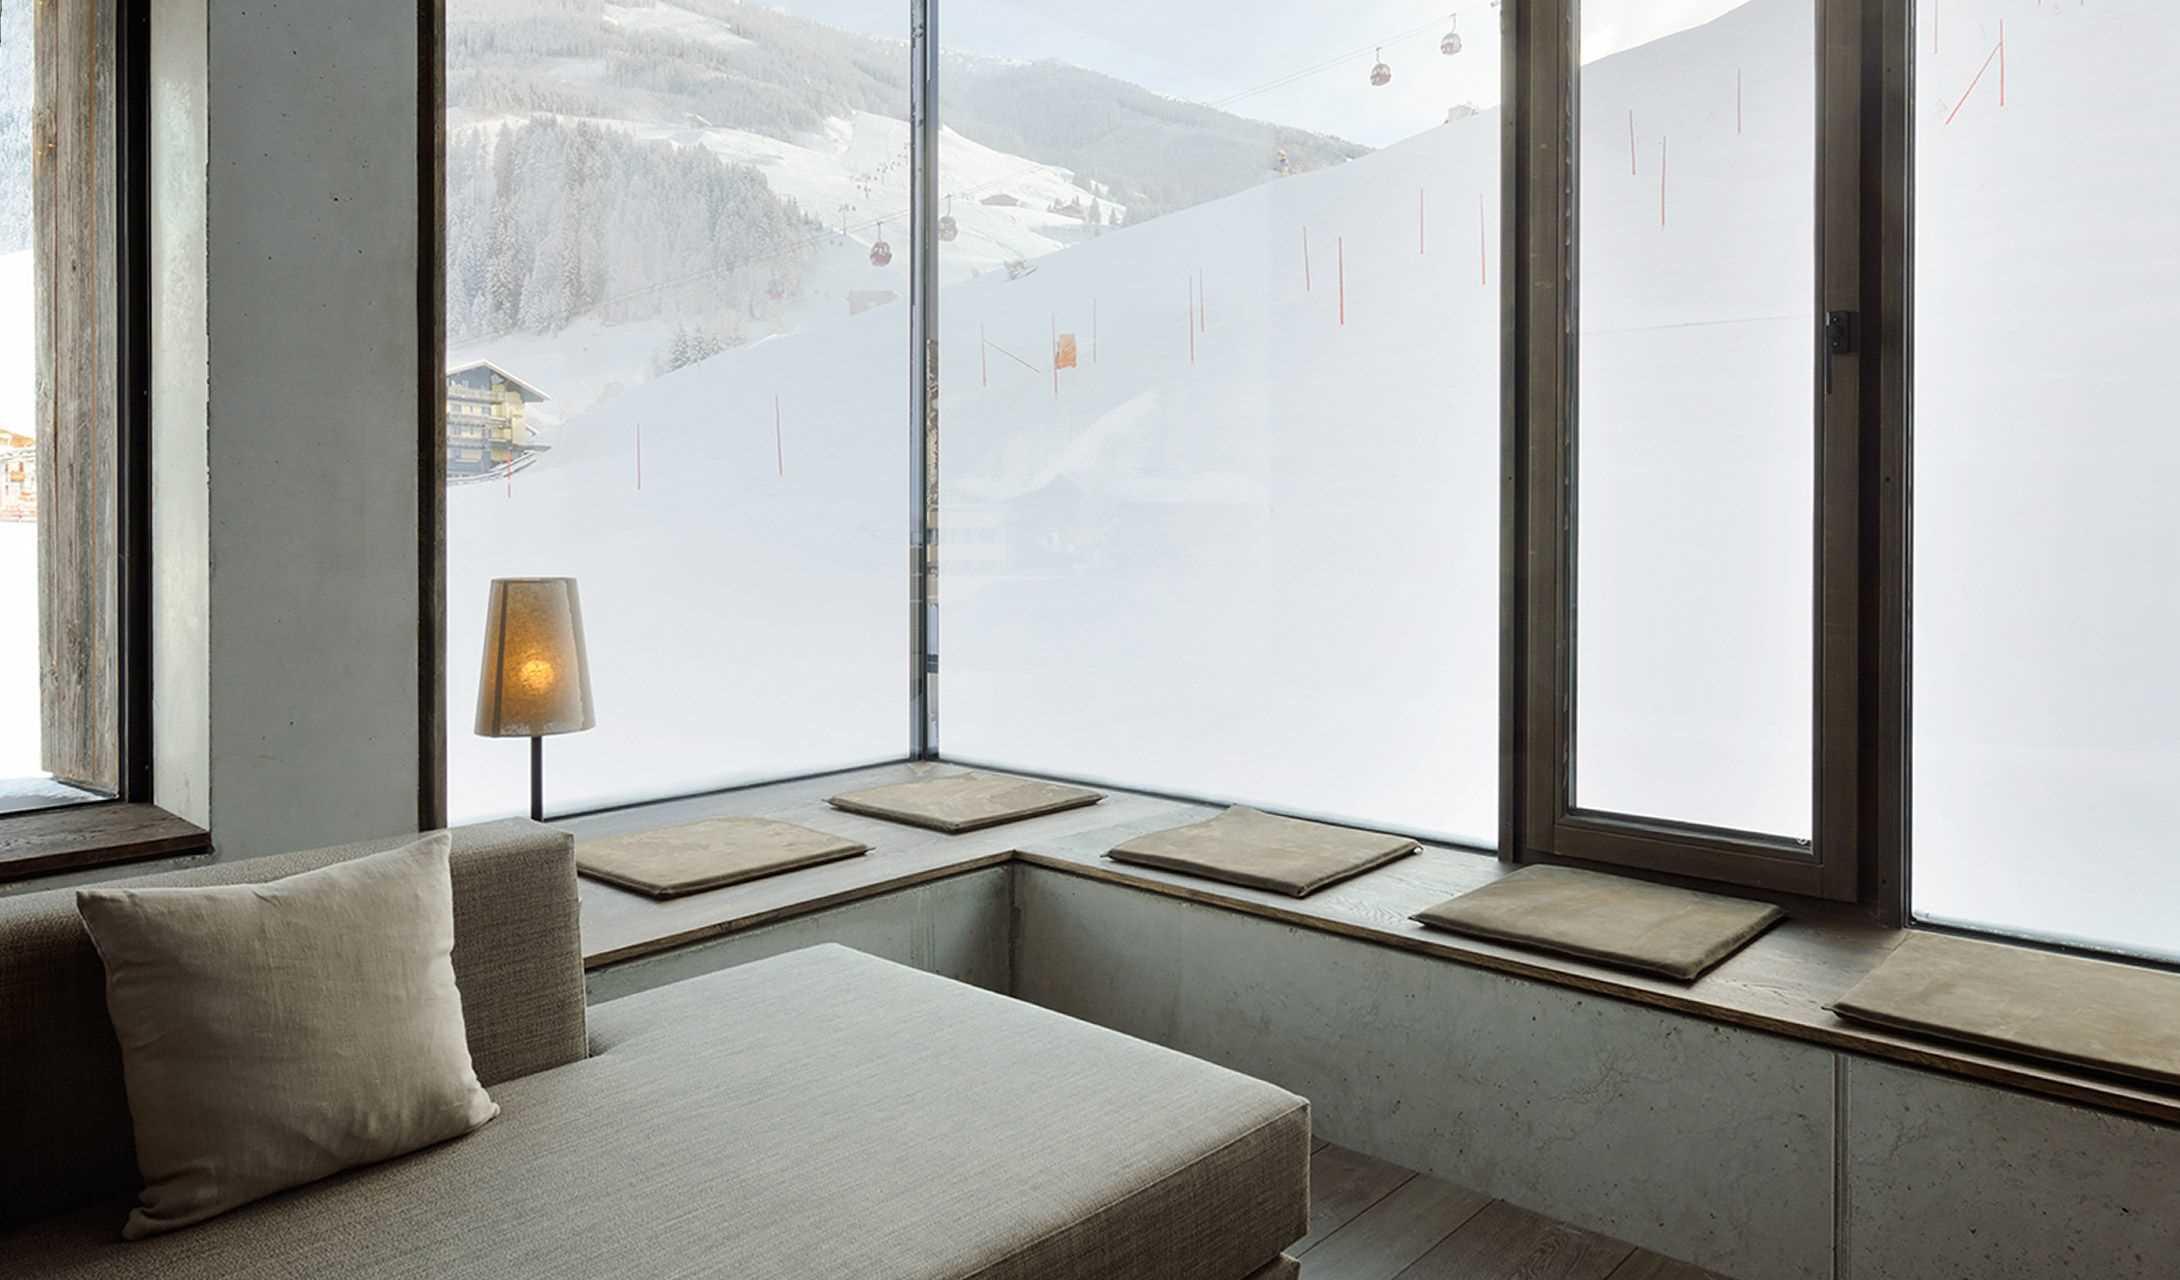 Wiesergut Modern Luxury Design hotel Hinterglemm Austria Alps